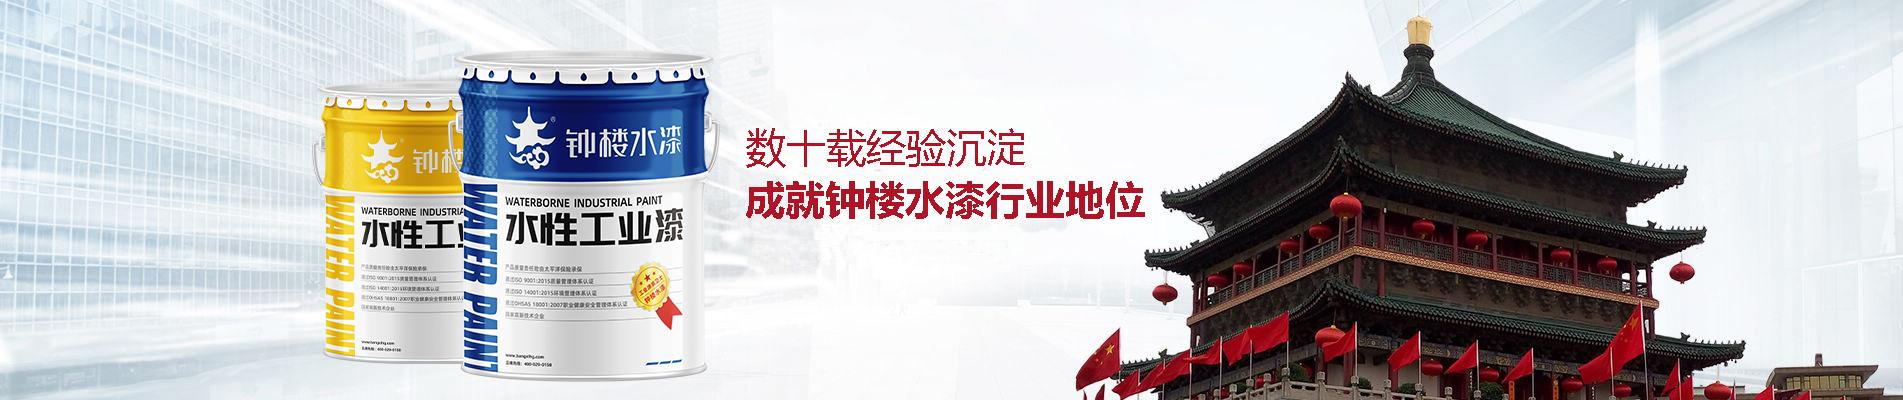 陕西邦希化工有限公司【官网】西安yabo88亚博体育app工业漆|木器漆|足球竞猜APP亚博漆|亚博电竞官网官方主页|yabo88亚博体育app树脂